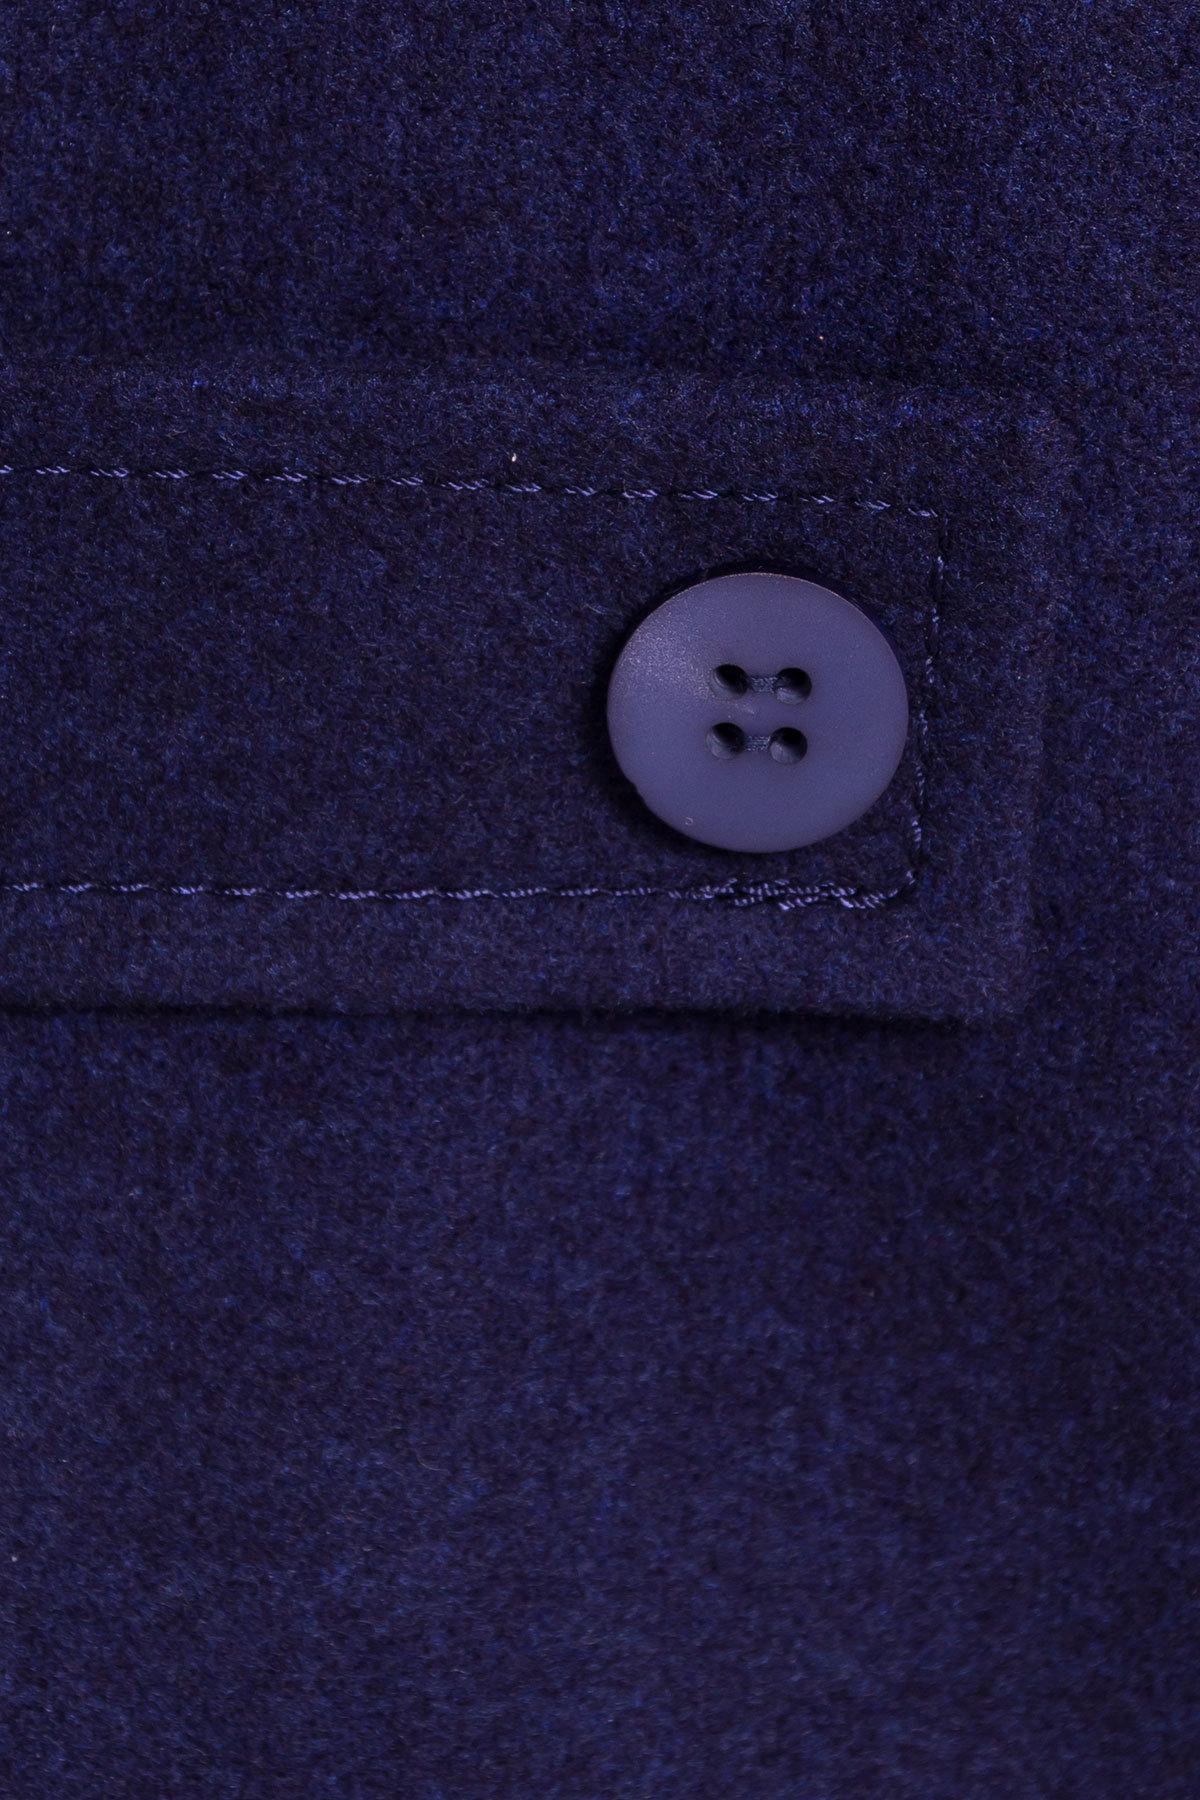 Демисезонное пальто трапеция в расцветках Латте 5429 АРТ. 36672 Цвет: Темно-синий 17 - фото 6, интернет магазин tm-modus.ru